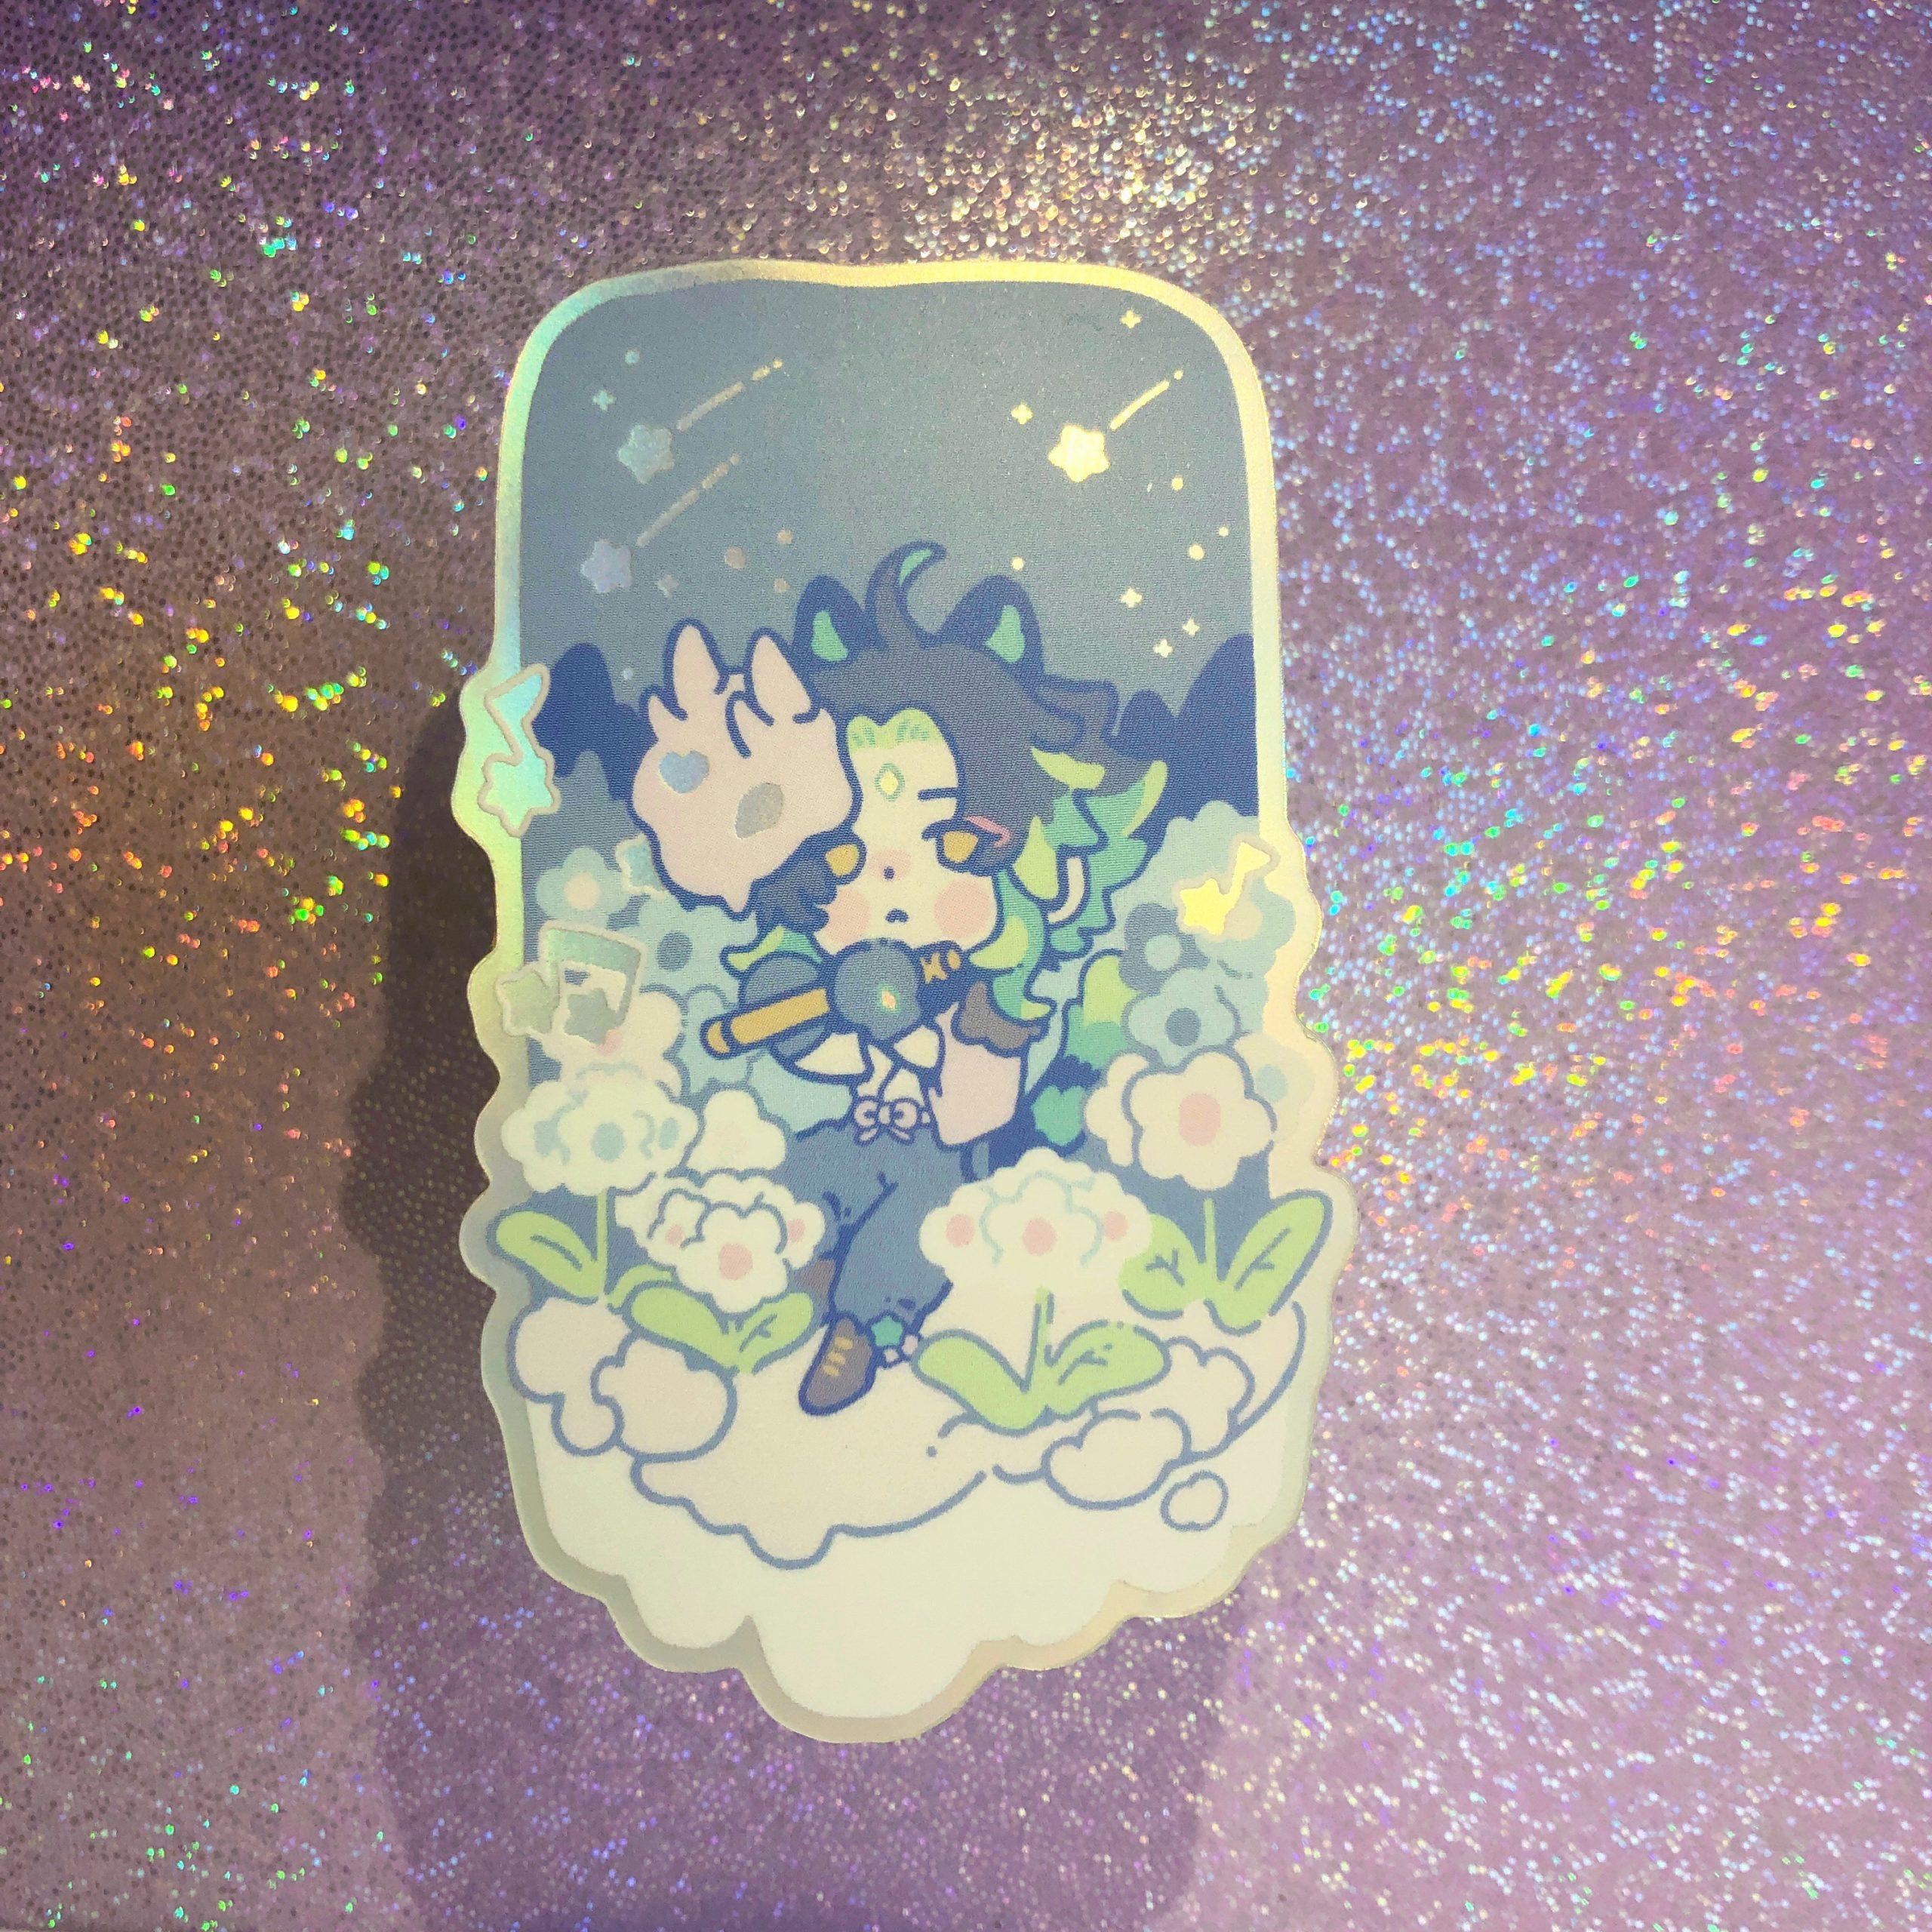 Genshin Impact Merch Sticker Xiao